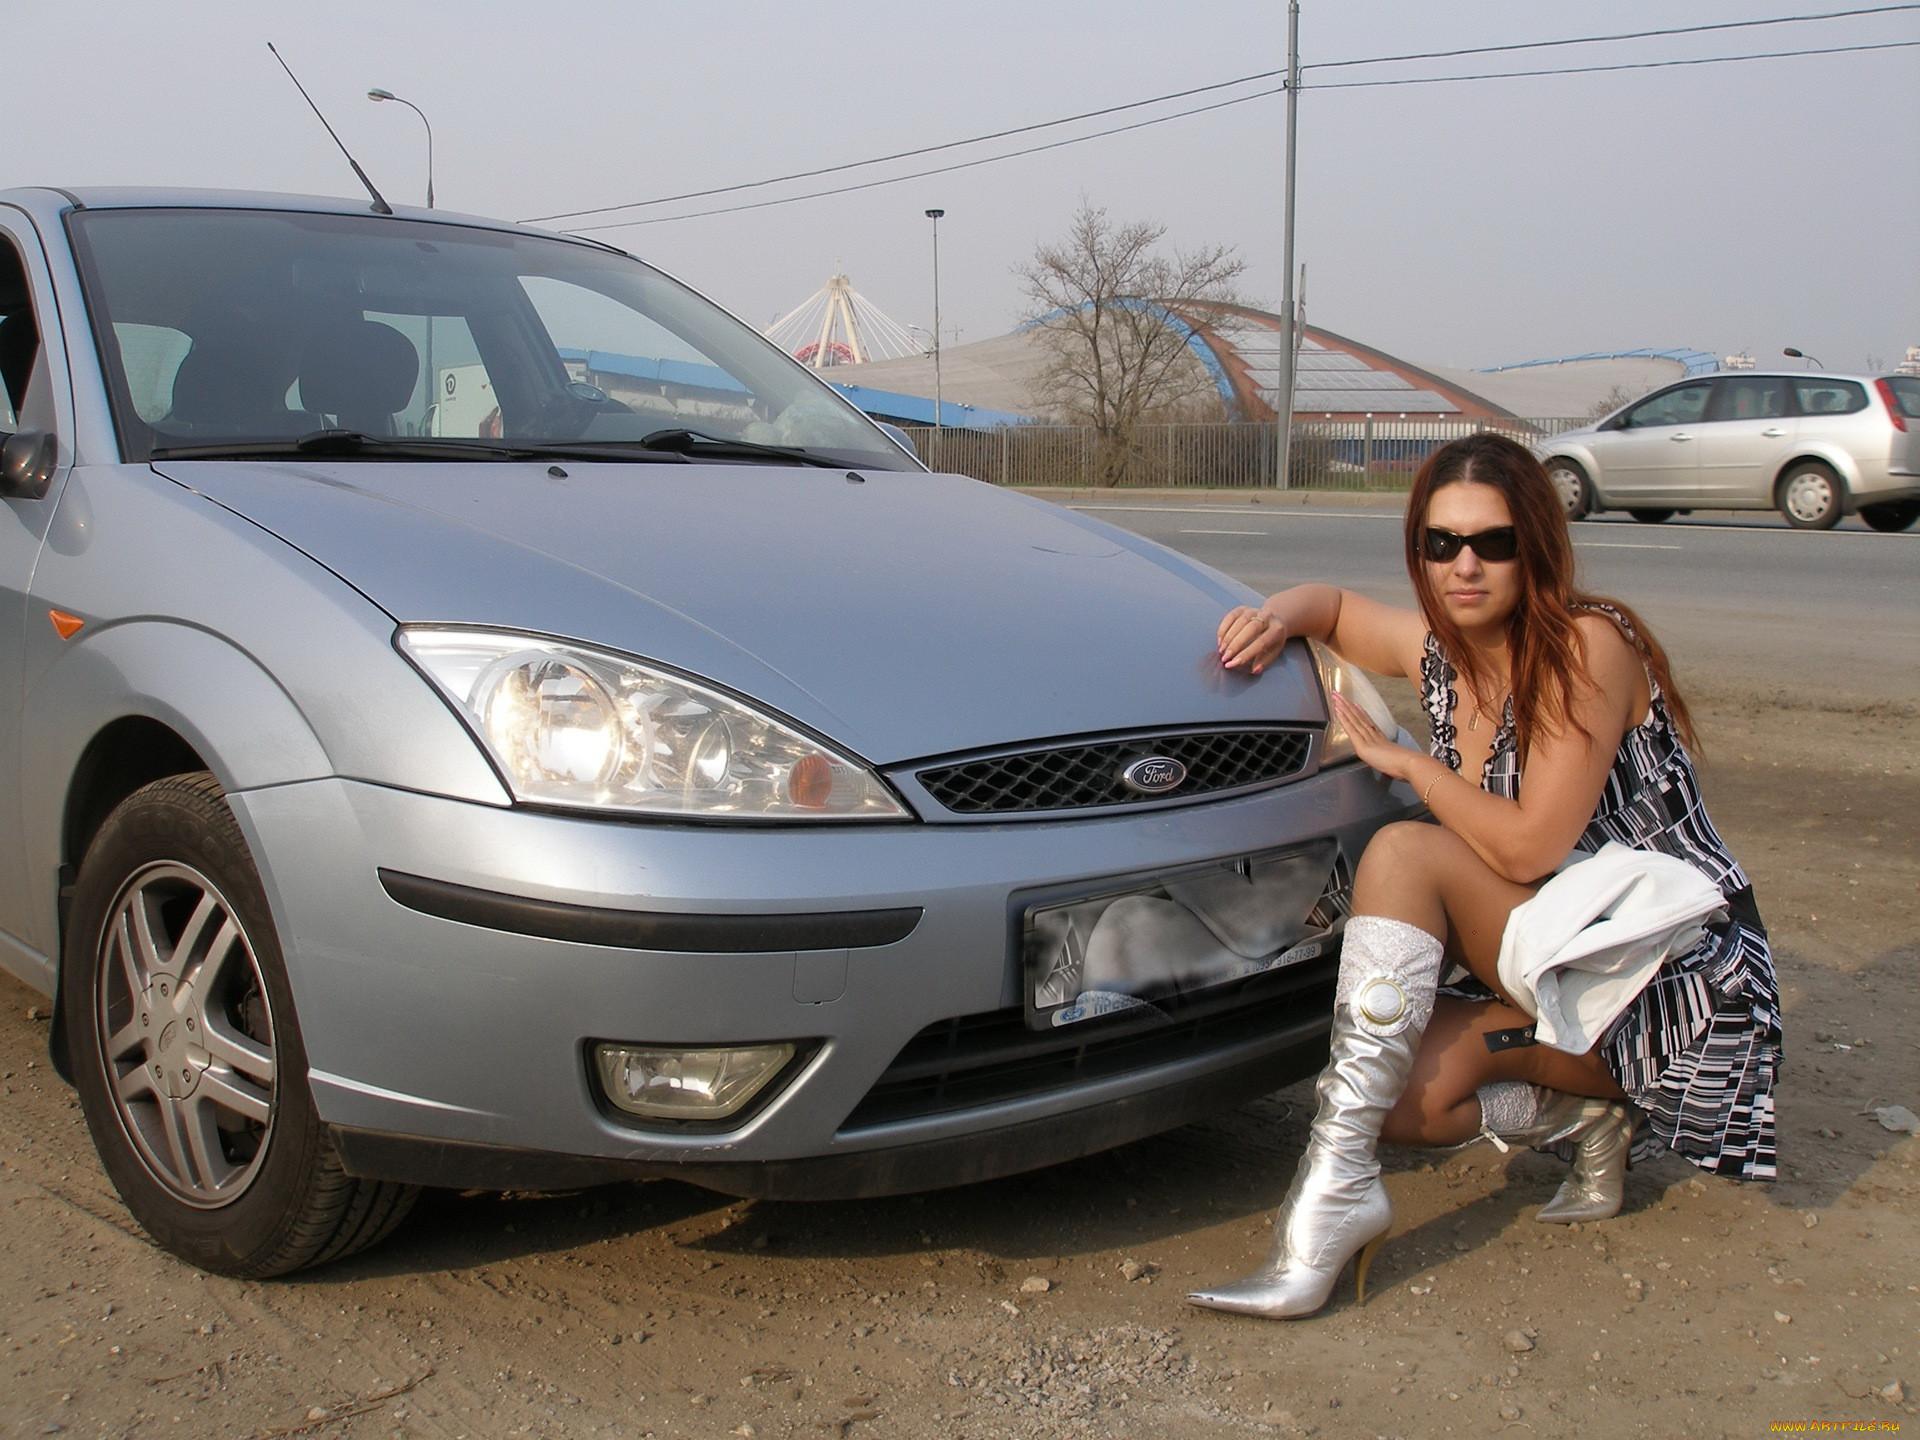 Русские женщины в машине 6 фотография